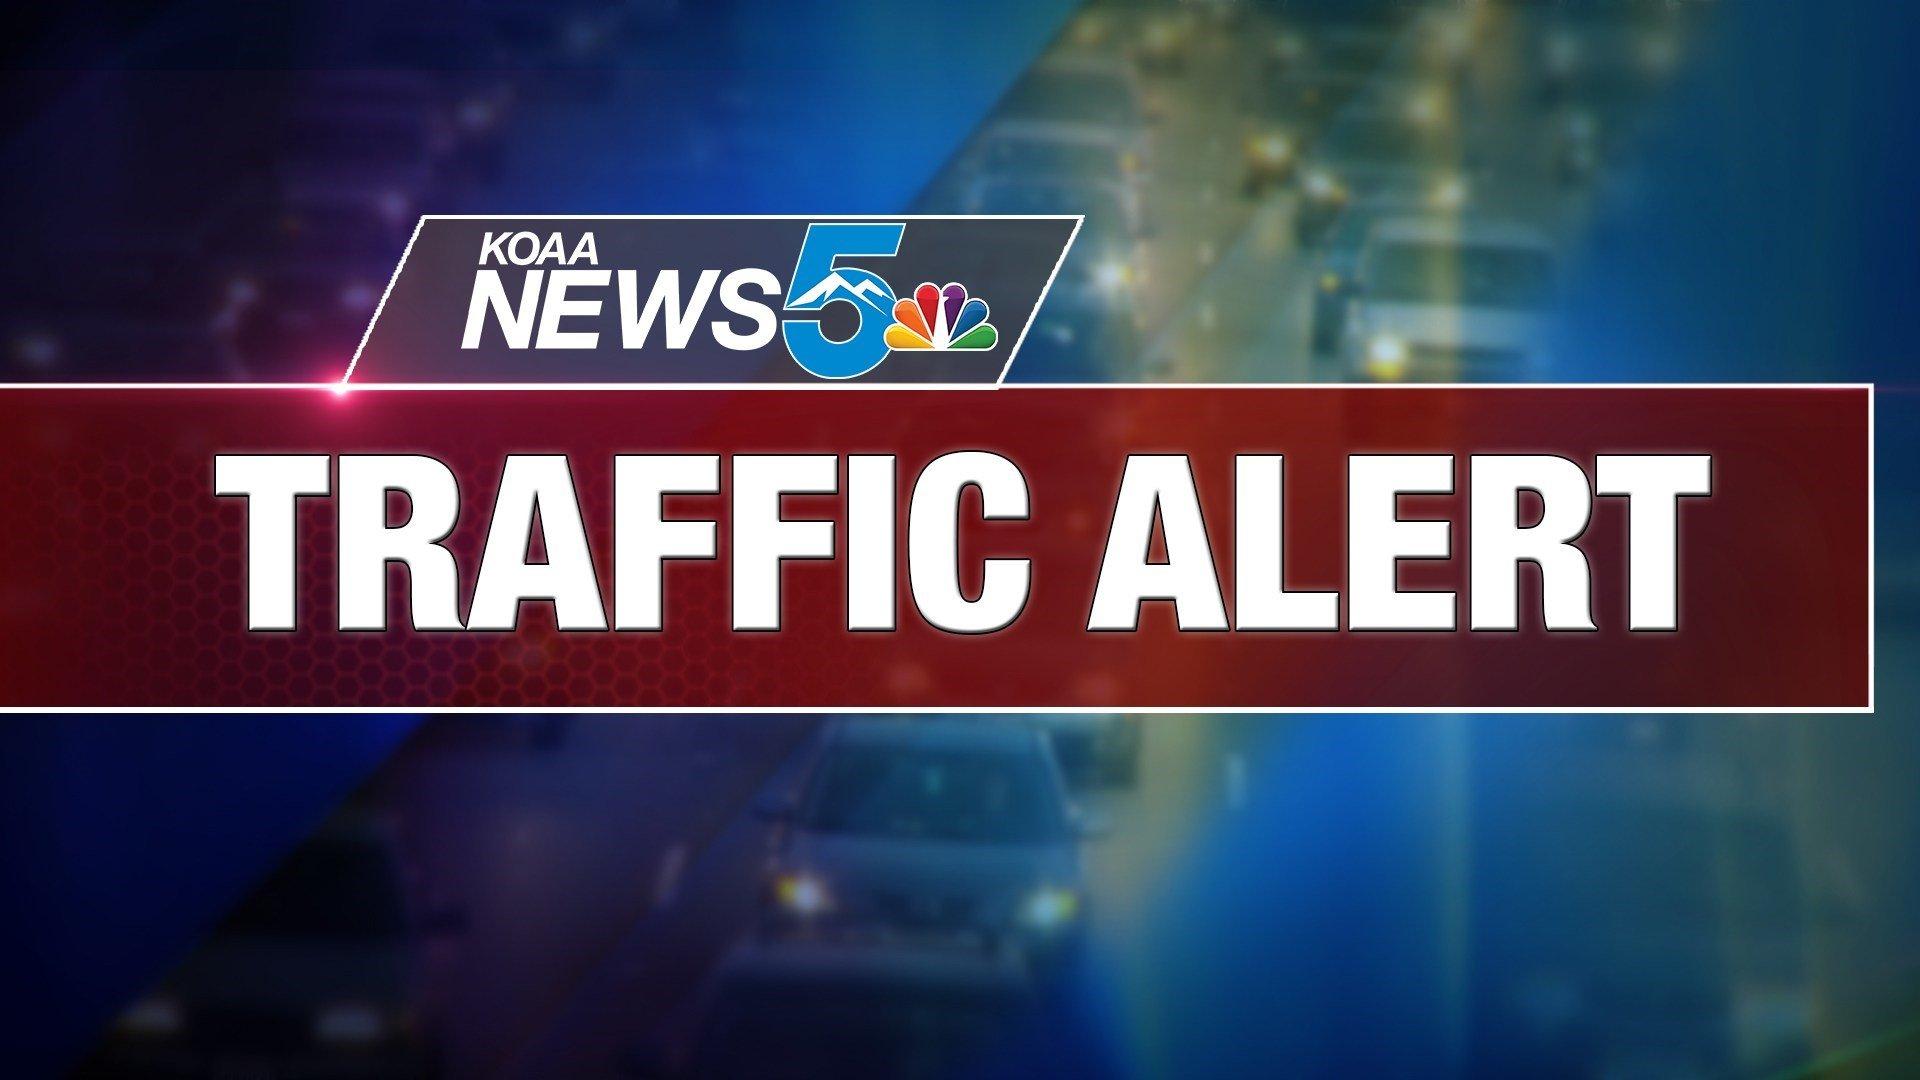 Com Continuous News Colorado >> City Of Colorado Springs On Accident Alert Status Koaa Com